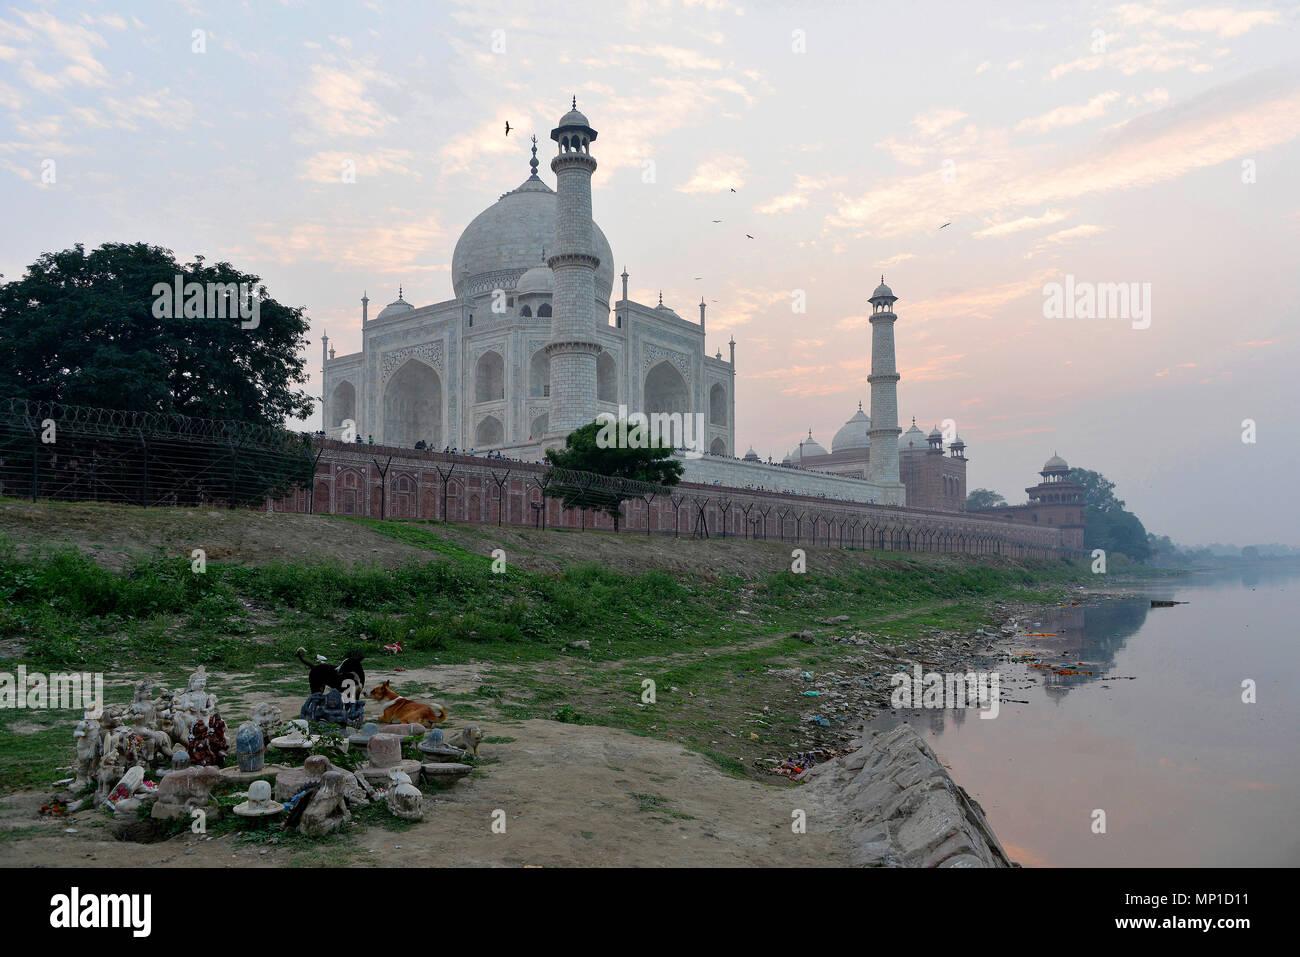 Vista del Taj Mahal desde el noreste, las ofrendas a la orilla del río Yamuna, Āgra, Uttar Pradesh, India Imagen De Stock